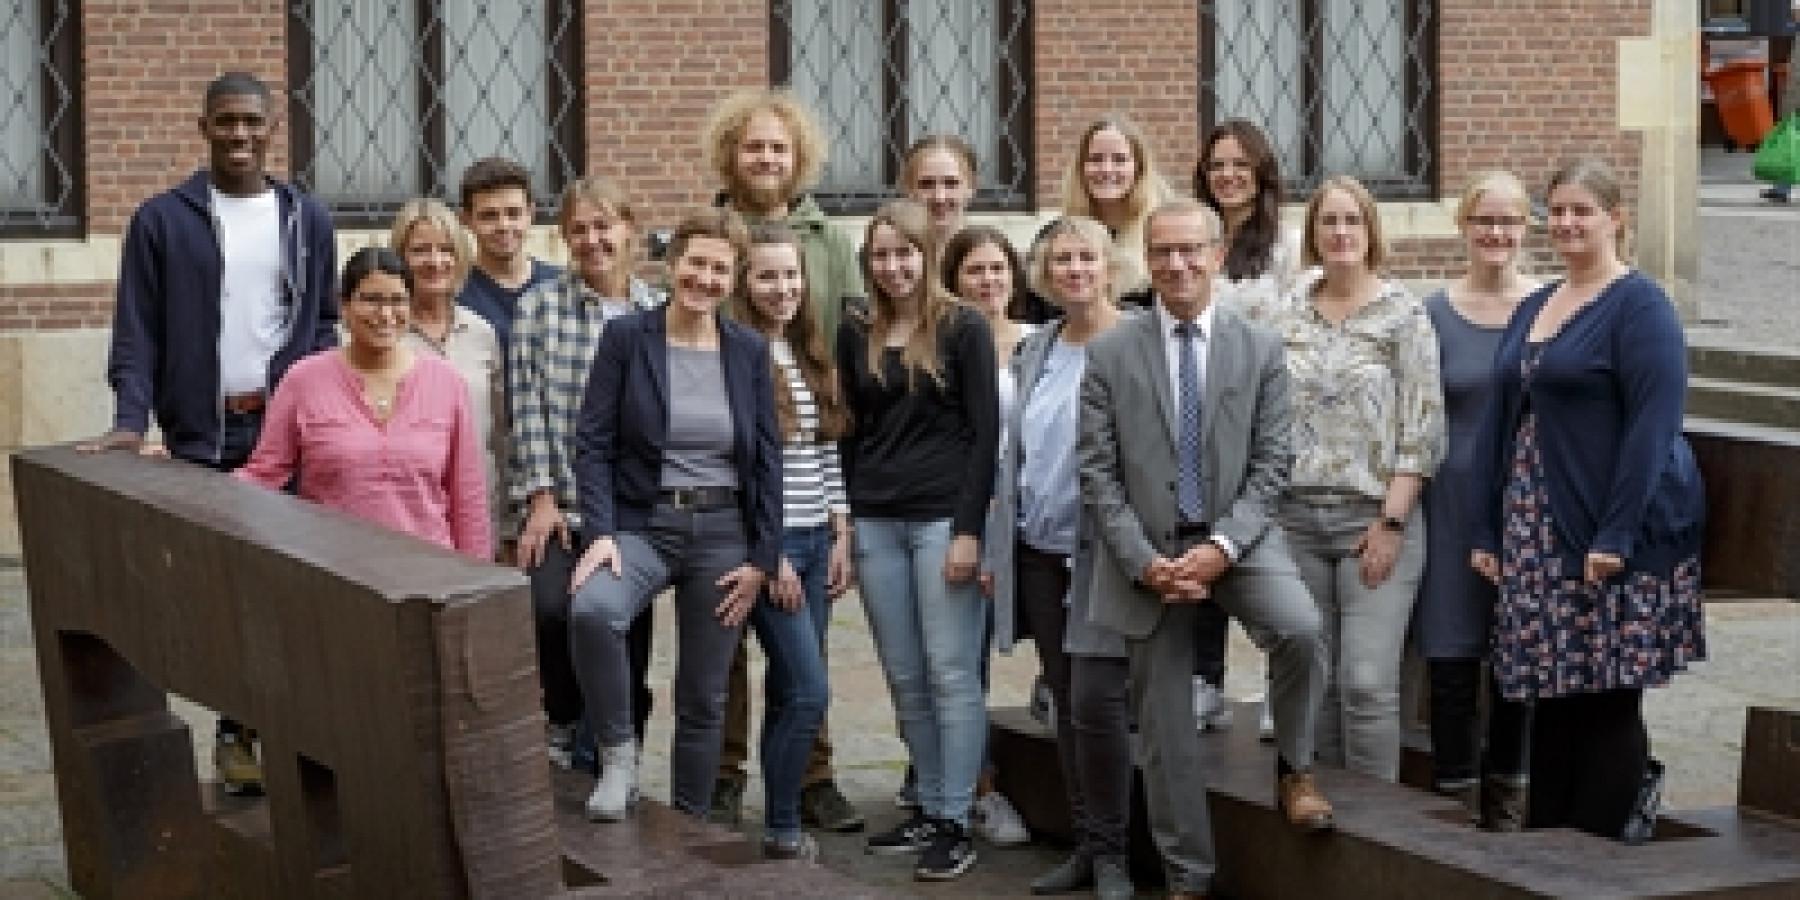 PIA: Praxisintegrierte Ausbildung